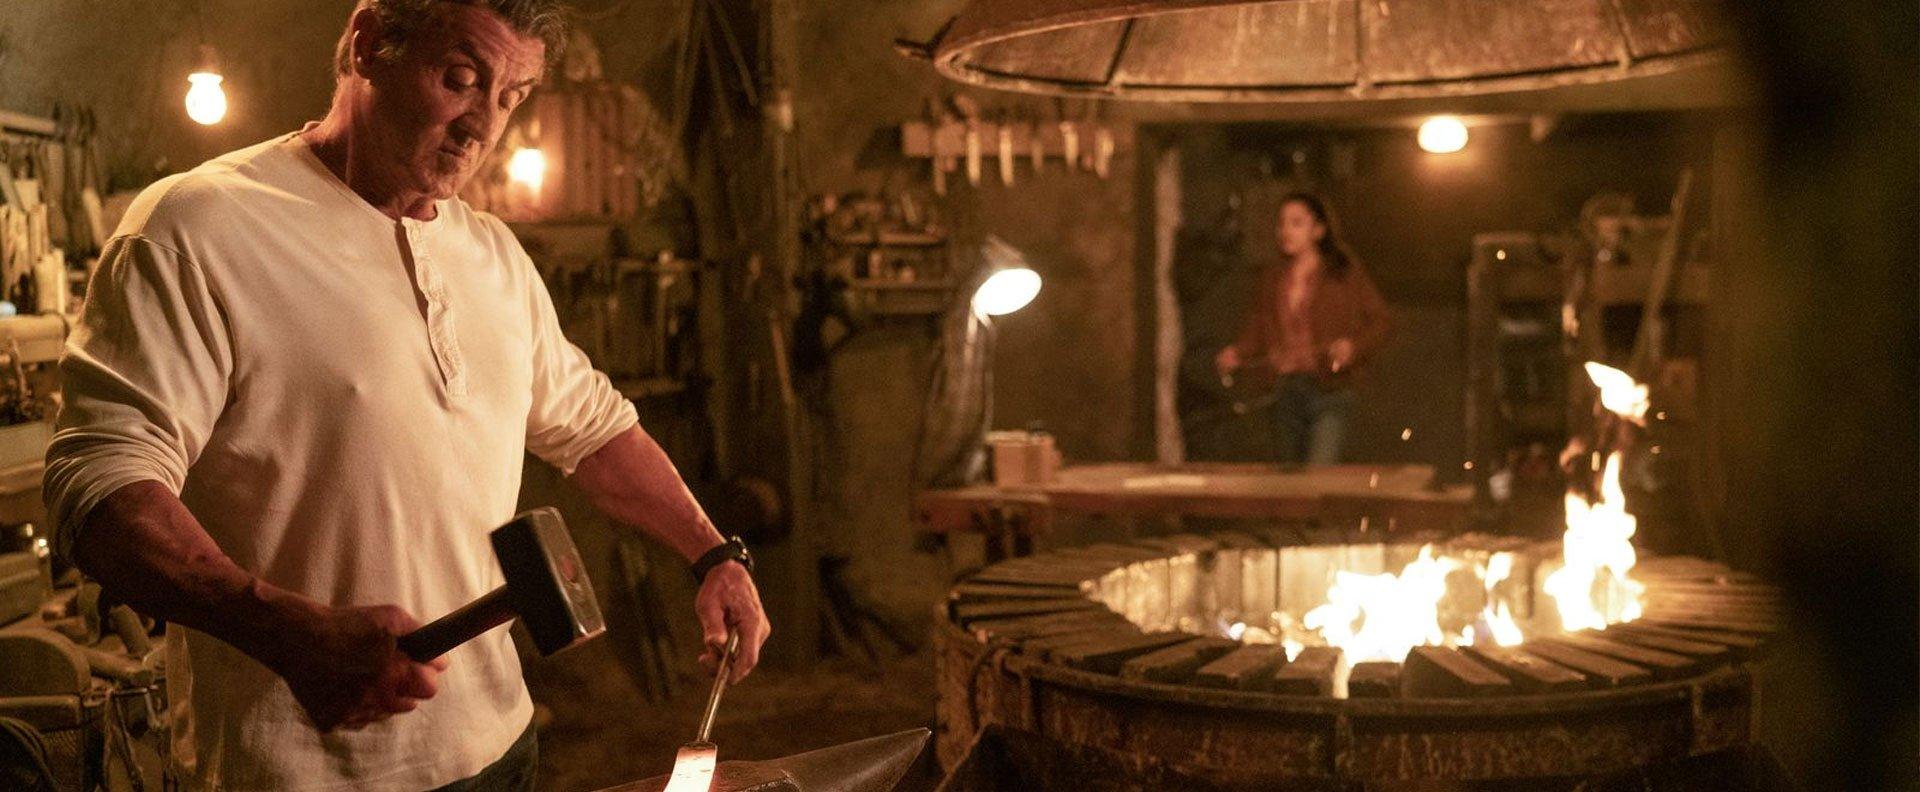 Рембо: Остання кров / Rambo 5: Last Blood (2019)